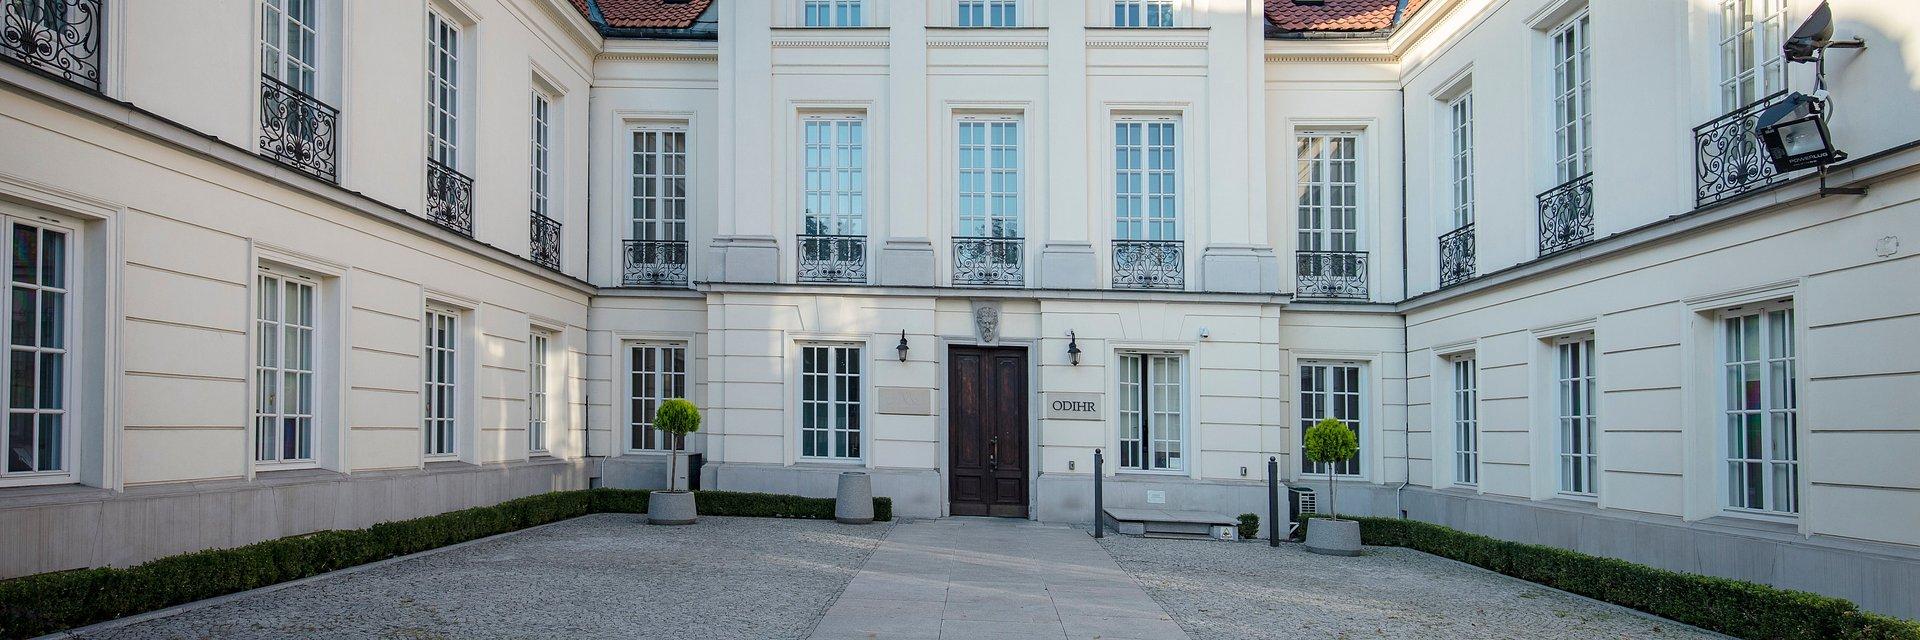 Pałac Młodziejowskiego (Miodowa 10) w Warszawie zmienia właściciela